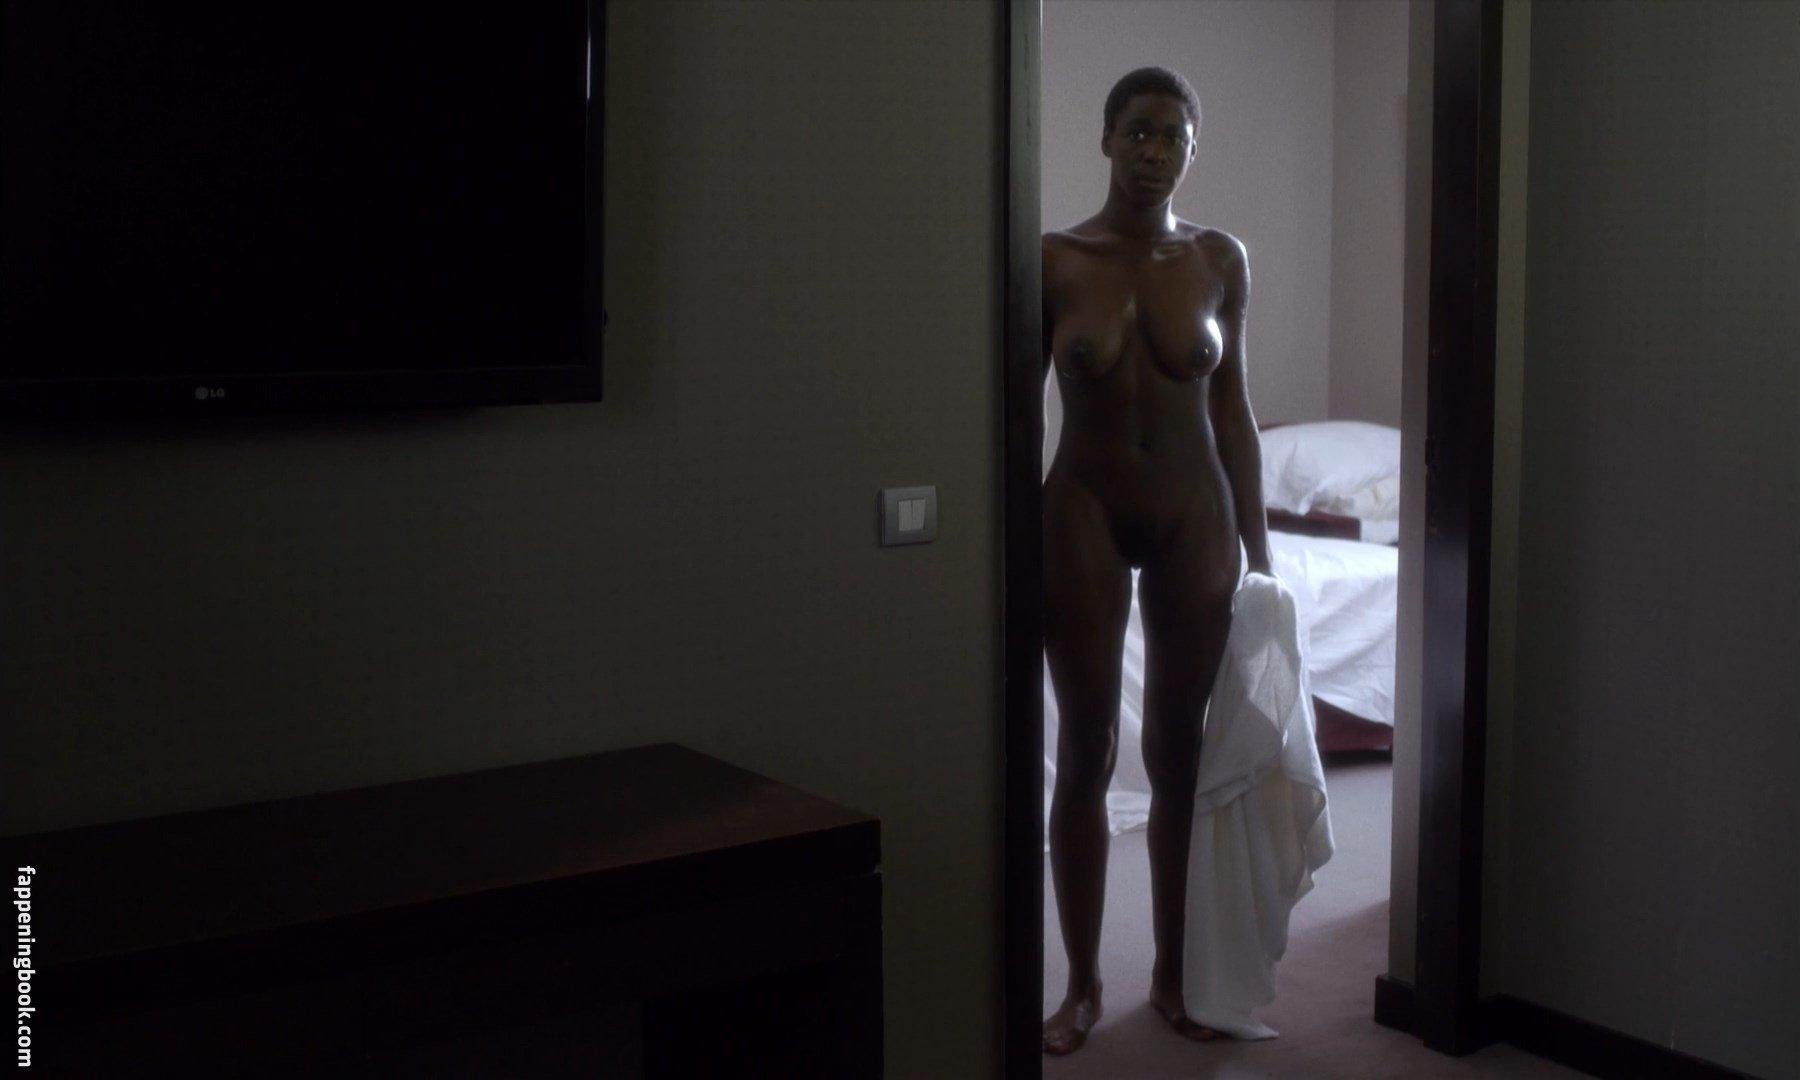 Nude senta sofia delliponti Oonagh (singer)